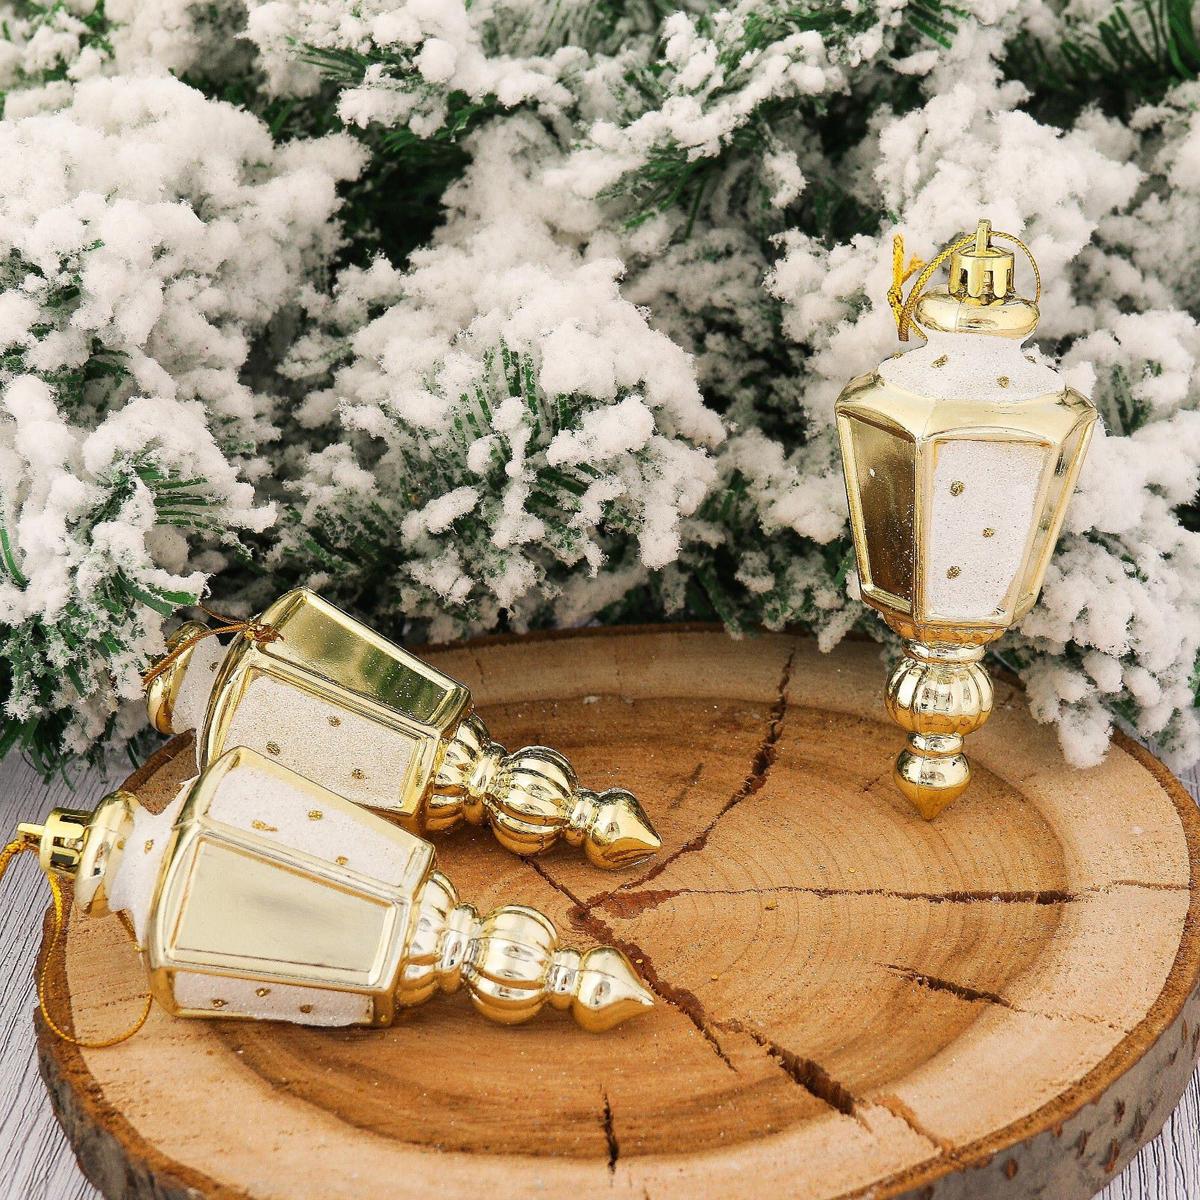 Набор новогодних подвесных украшений Фонарик, цвет: золотой, 9,5 х 4,5 см, 6 шт2123098Набор новогодних подвесных украшений отлично подойдет для декорации вашего дома и новогодней ели. С помощью специальной петельки украшение можно повесить в любом понравившемся вам месте. Но, конечно, удачнее всего оно будет смотреться на праздничной елке.Елочная игрушка - символ Нового года. Она несет в себе волшебство и красоту праздника. Такое украшение создаст в вашем доме атмосферу праздника, веселья и радости.